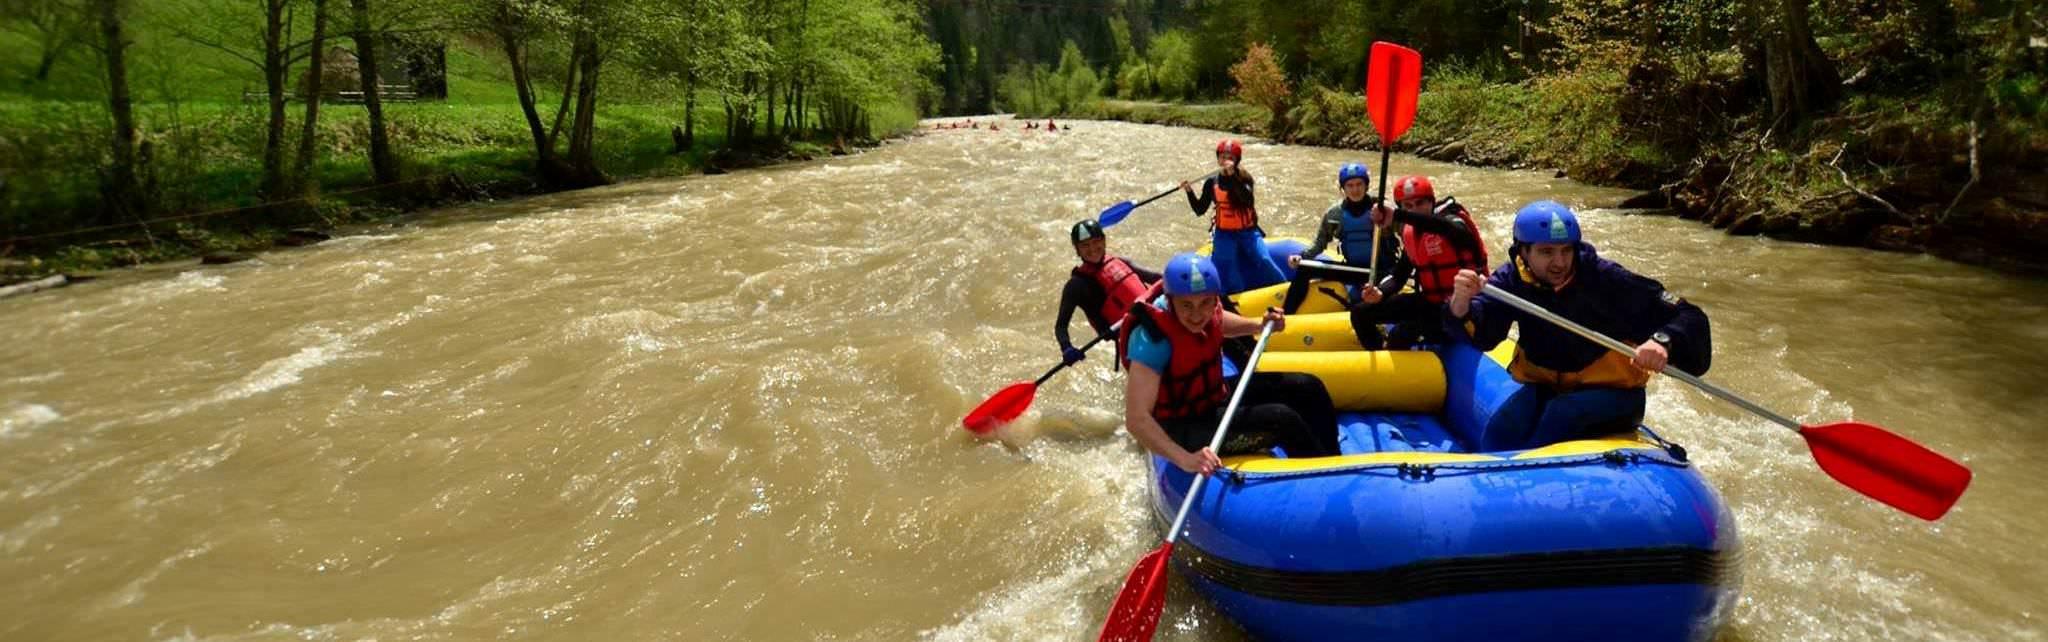 white water rafting and kayaking in Ukraine